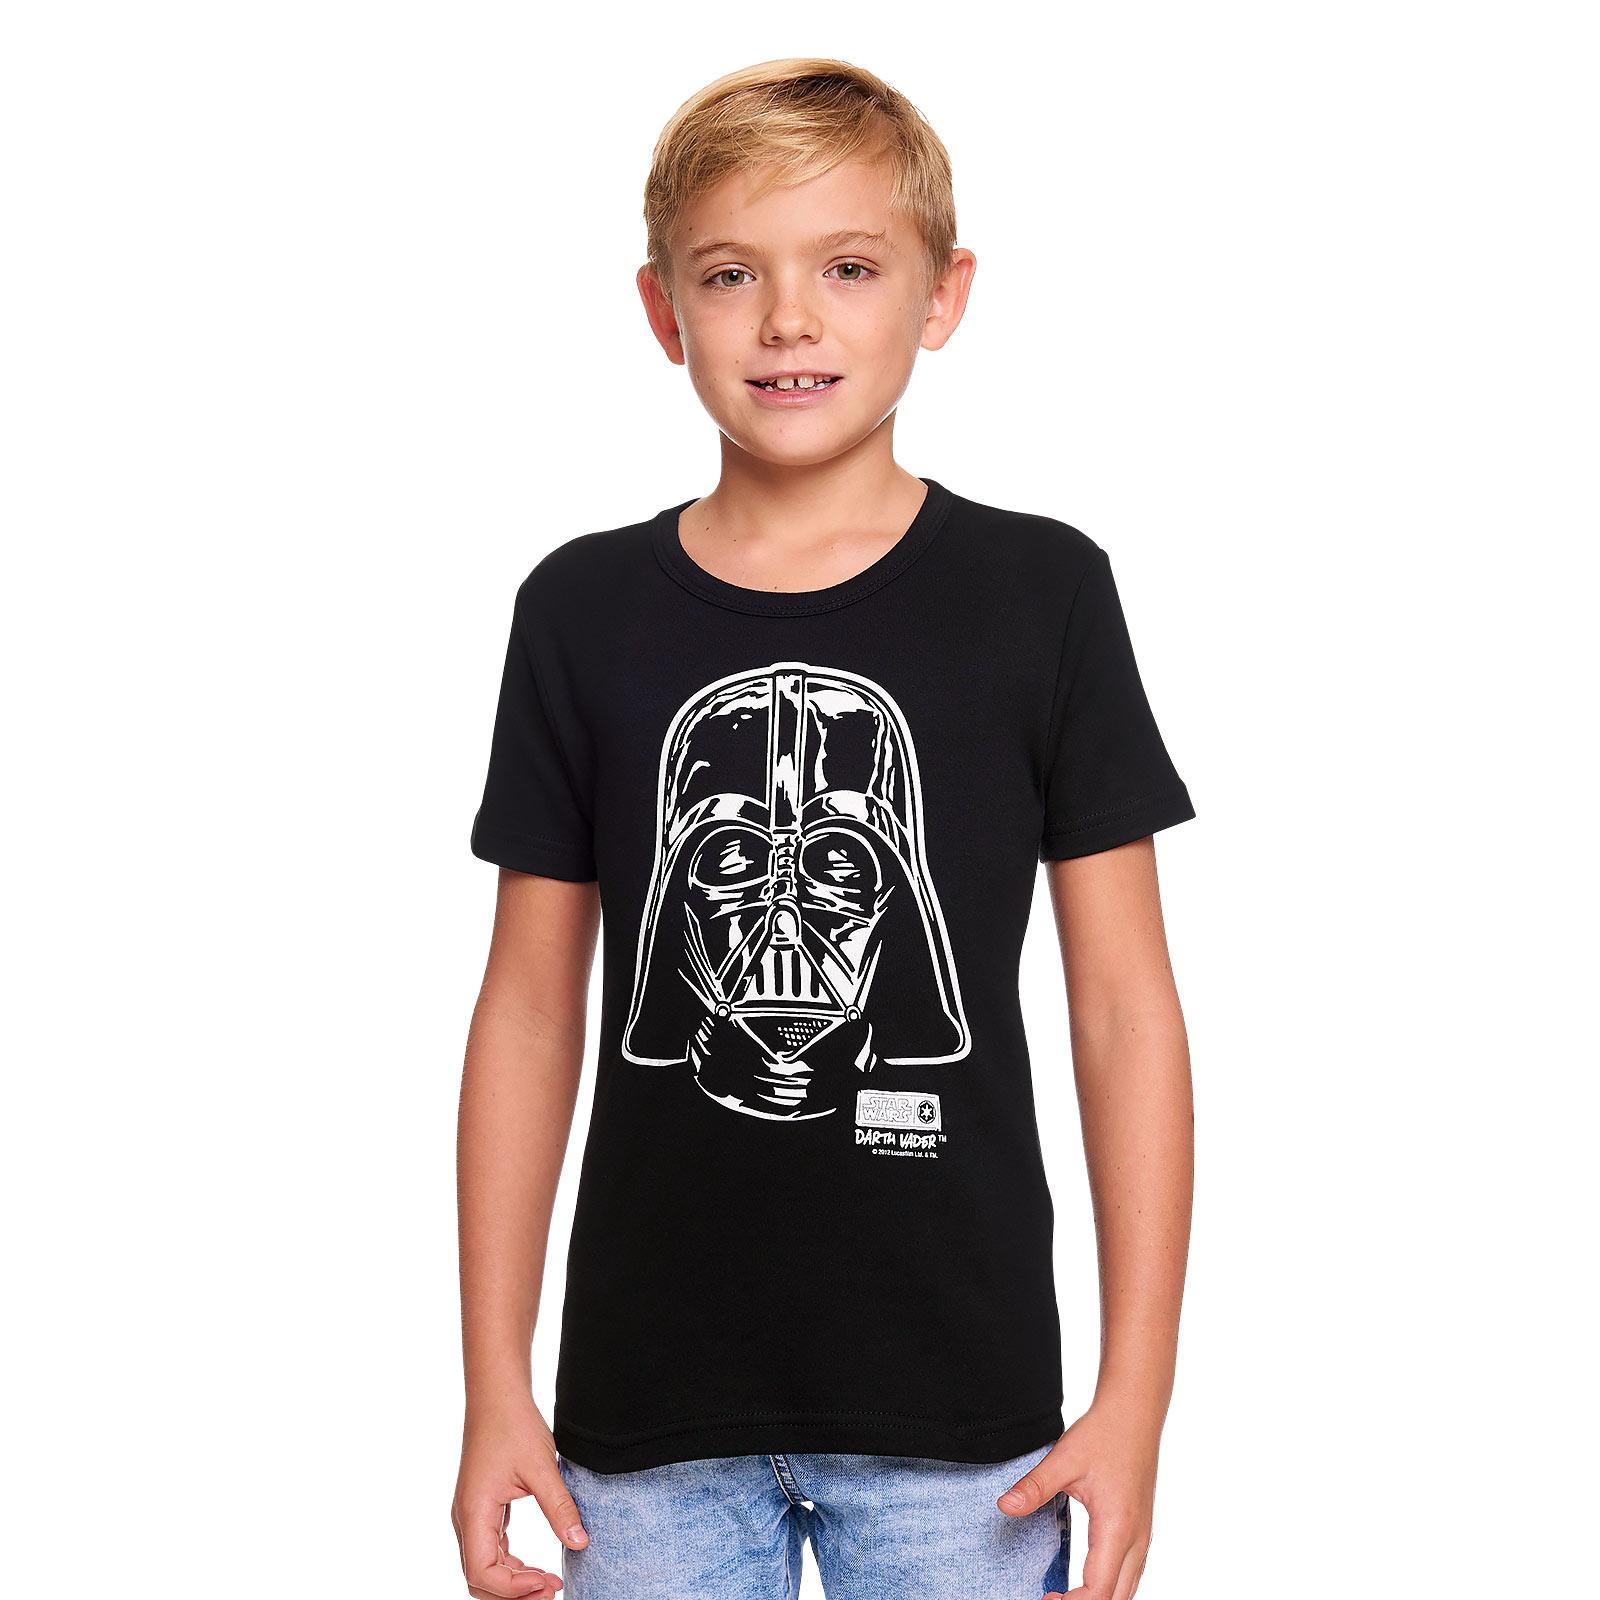 Star Wars - Darth Vader Portrait Kinder Shirt